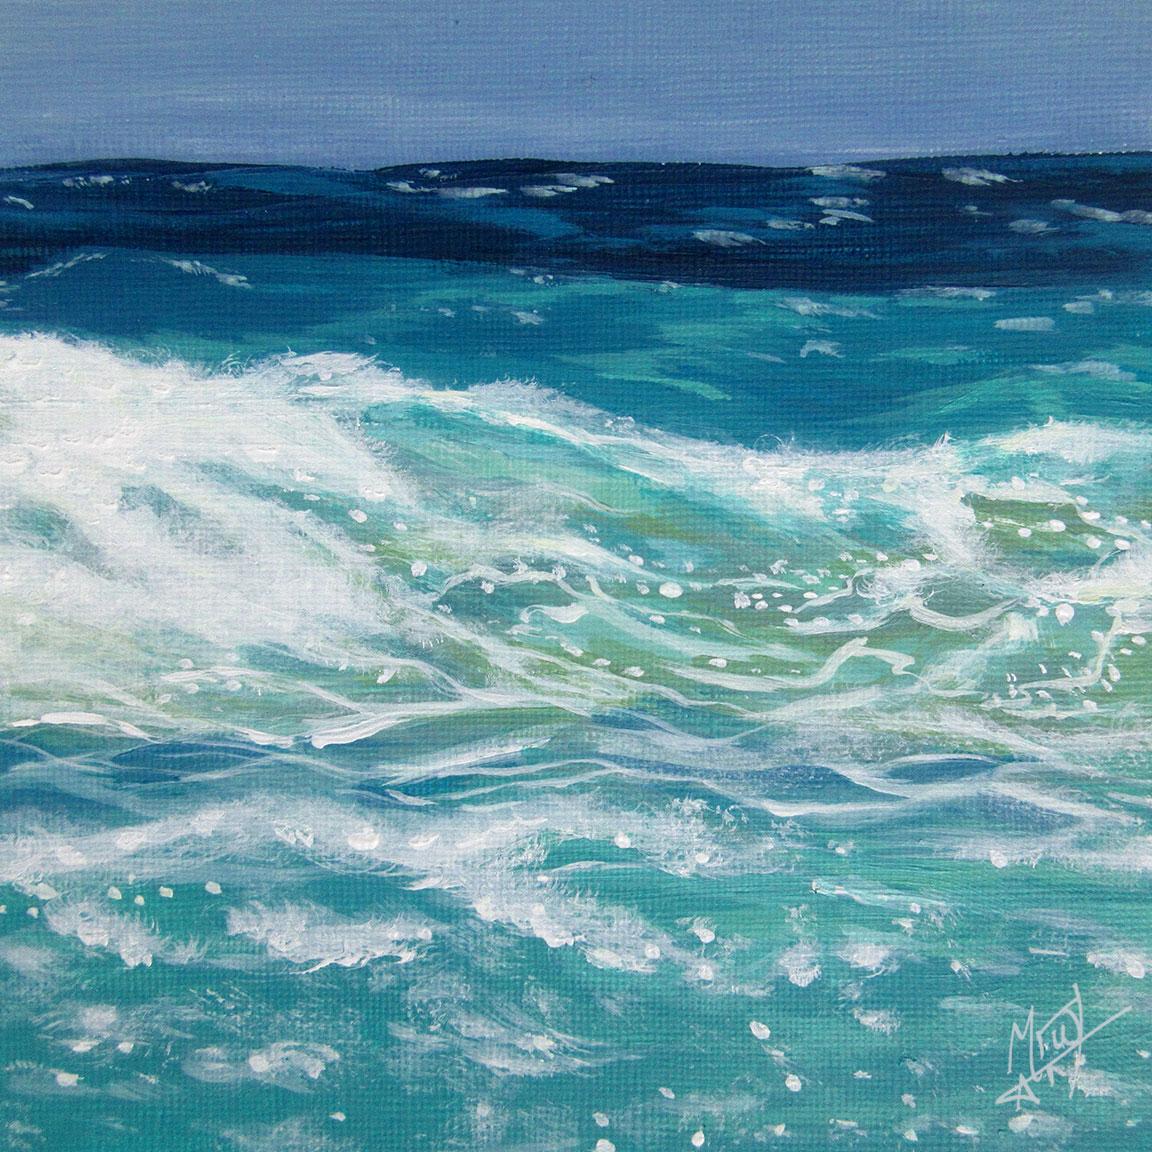 Cancun Wave Take 2